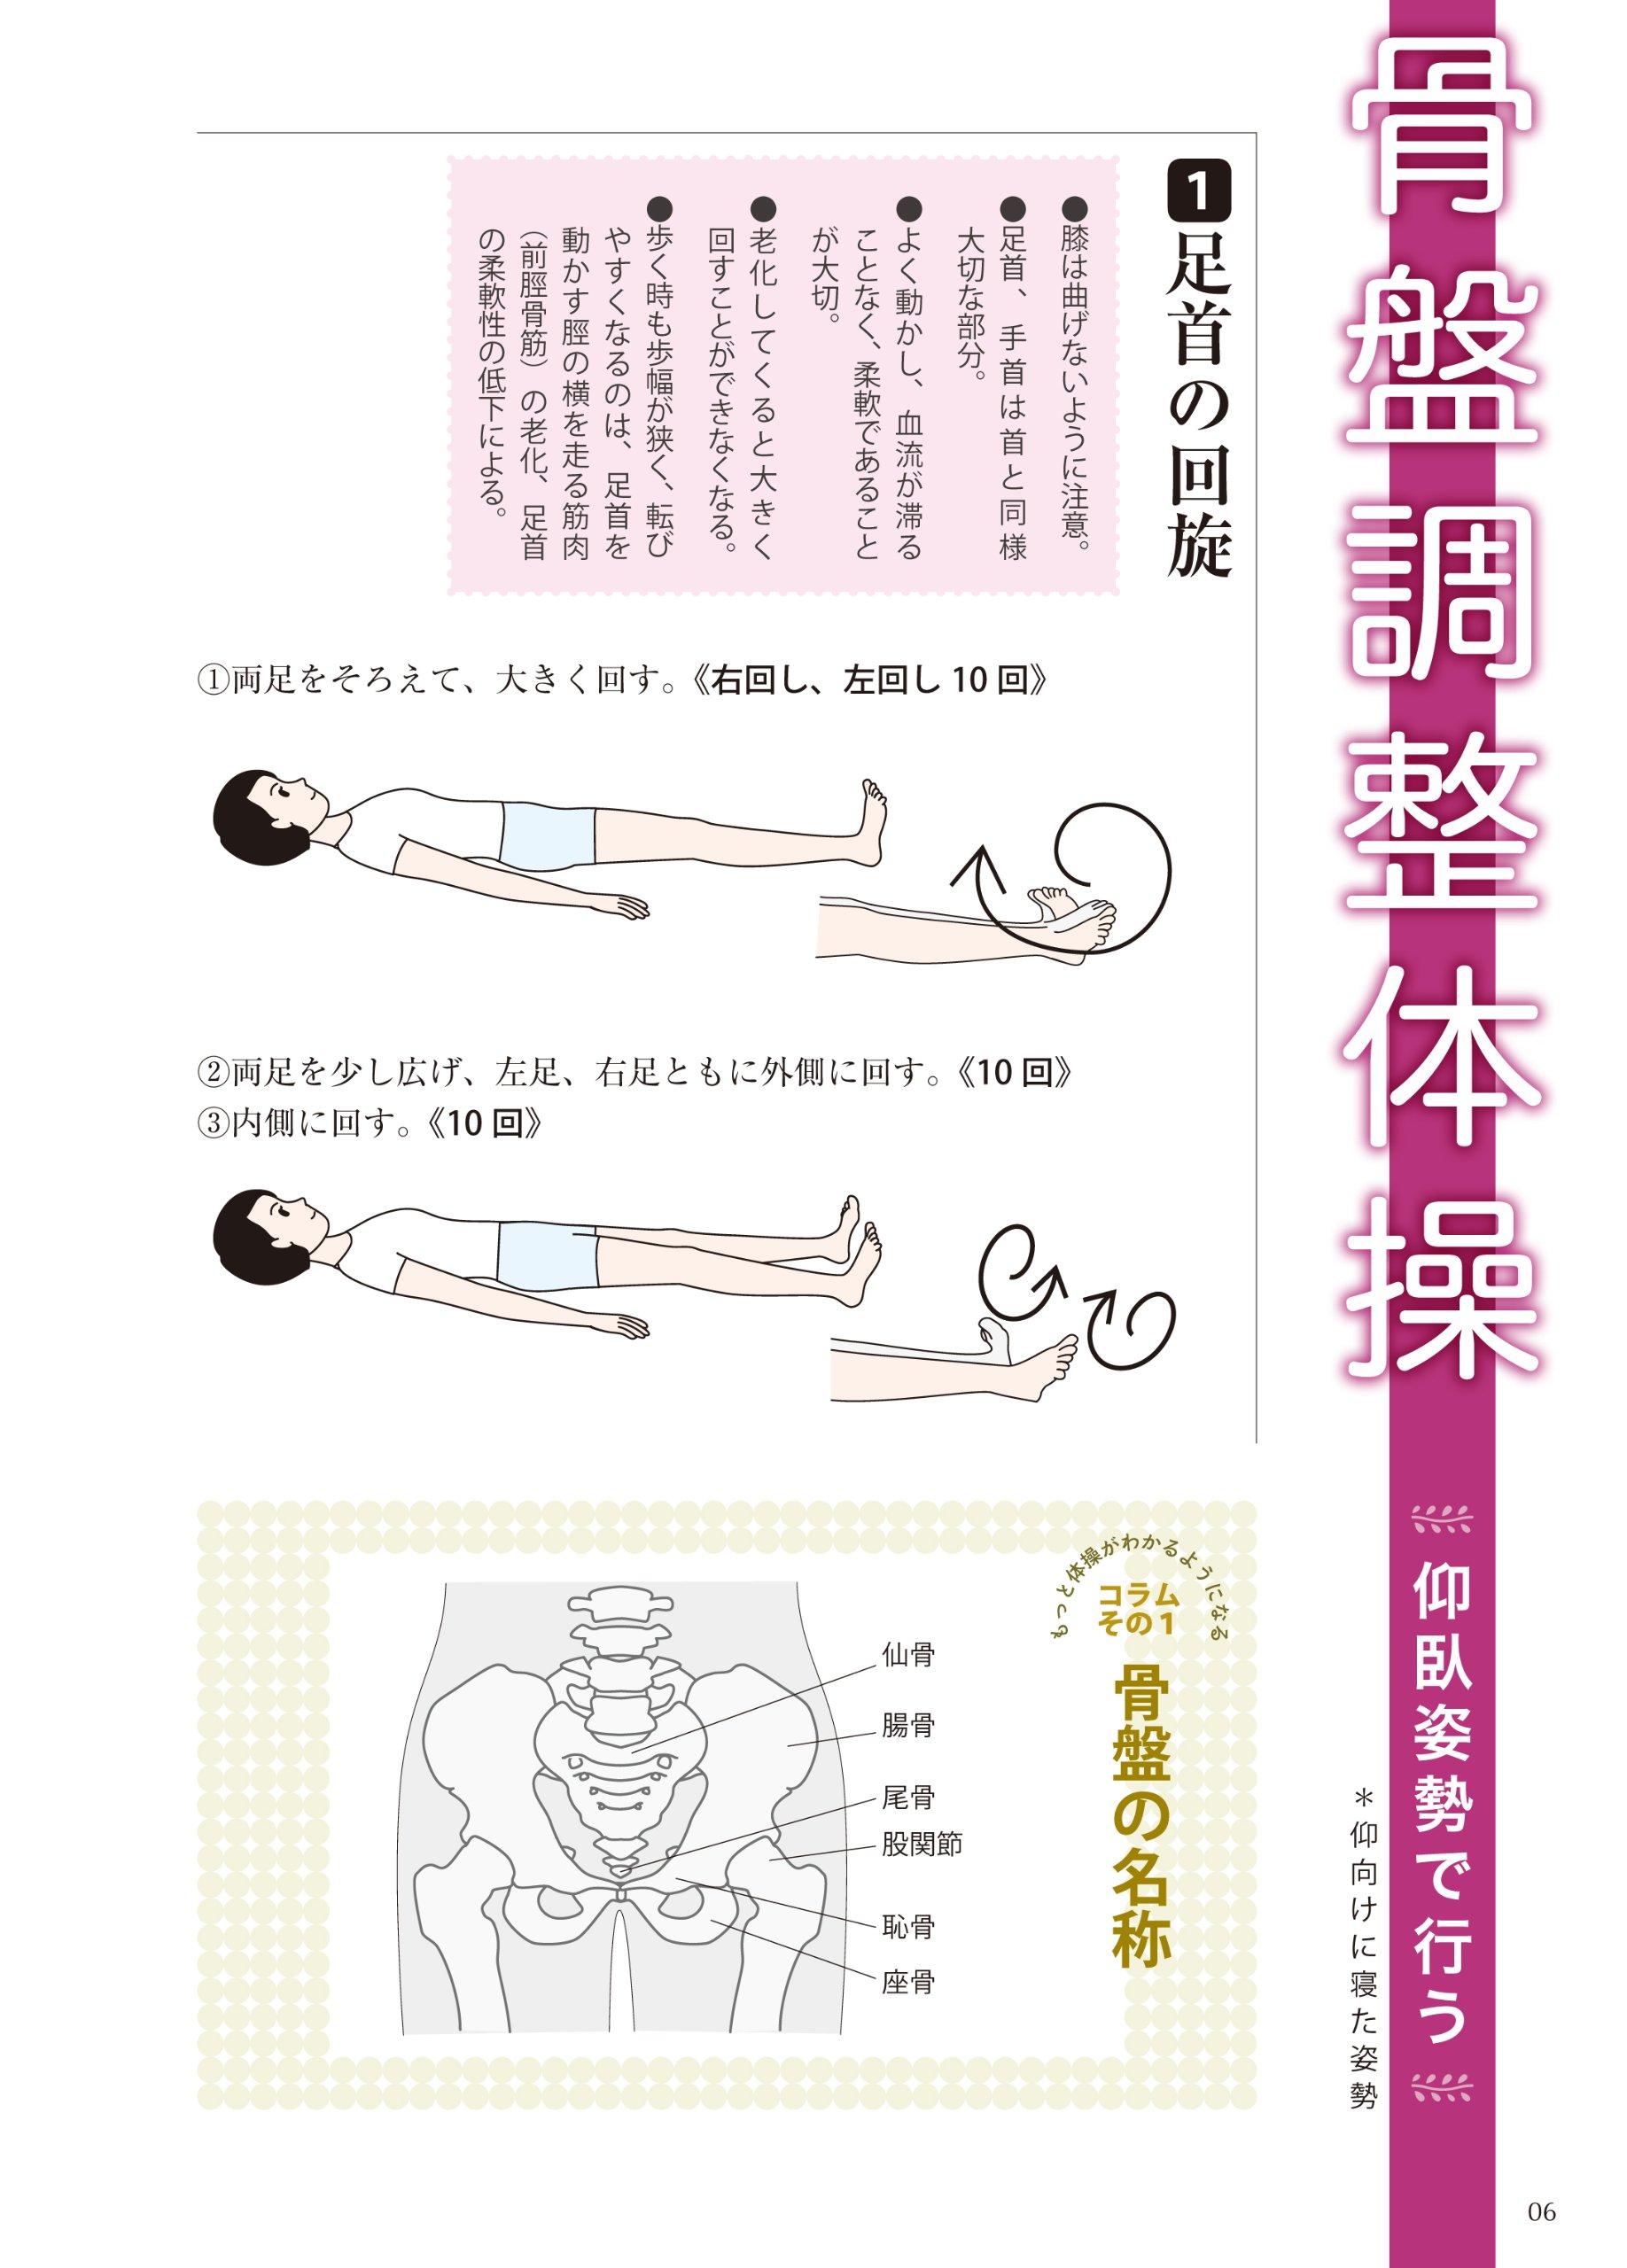 身ととのえ体操〜骨盤と肩甲骨の動きで健康になる97の方法